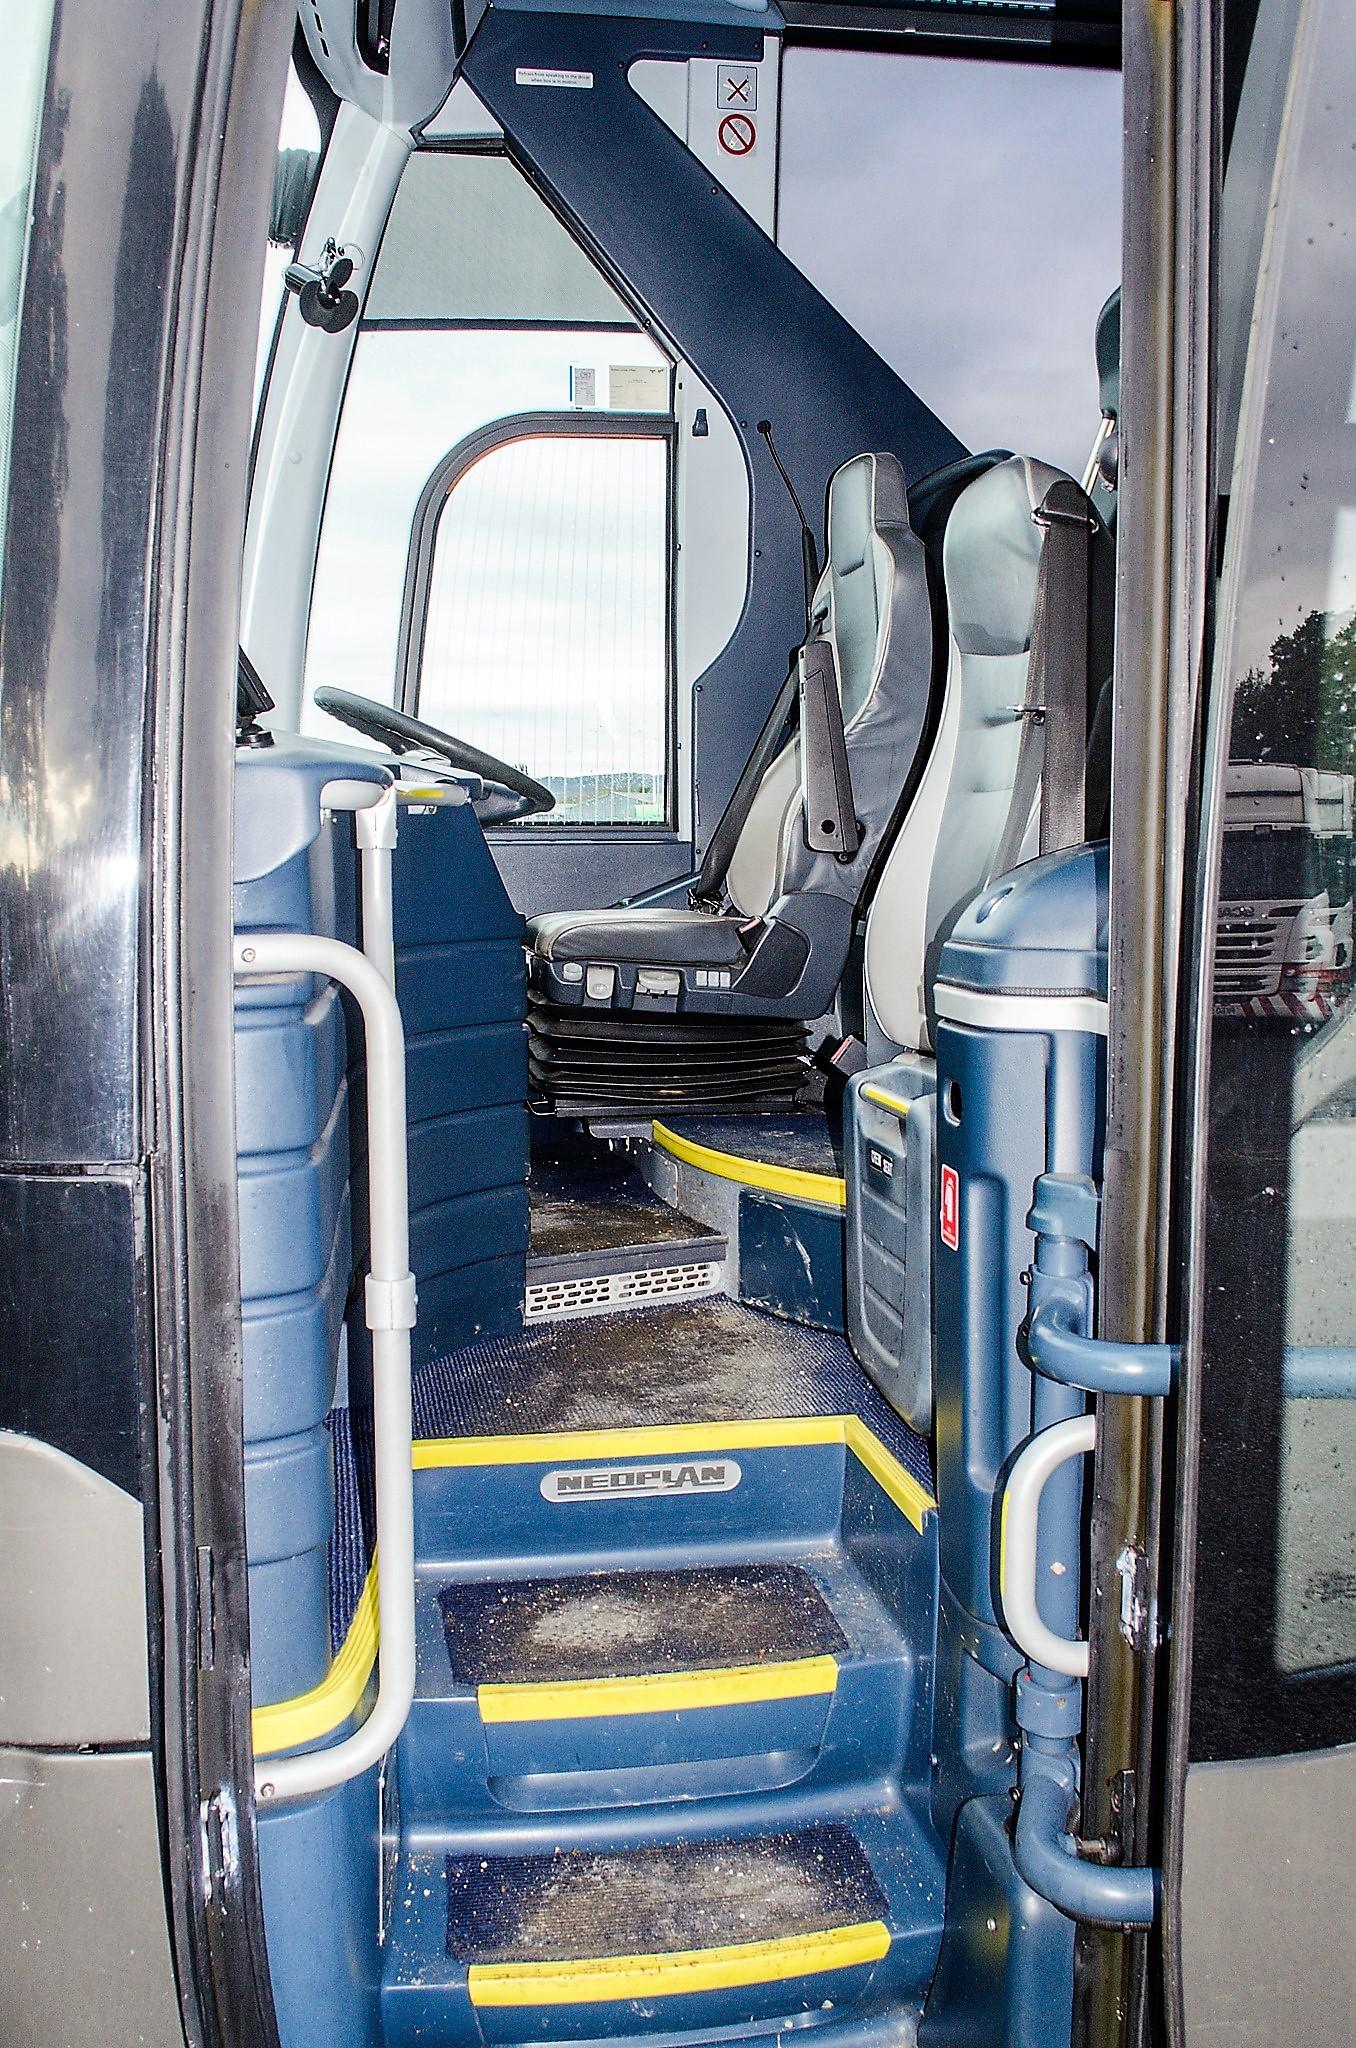 MAN Neoplan Tourliner 53 seat luxury coach Registration Number: MT61 HVF Date of Registration: 01/ - Image 13 of 21